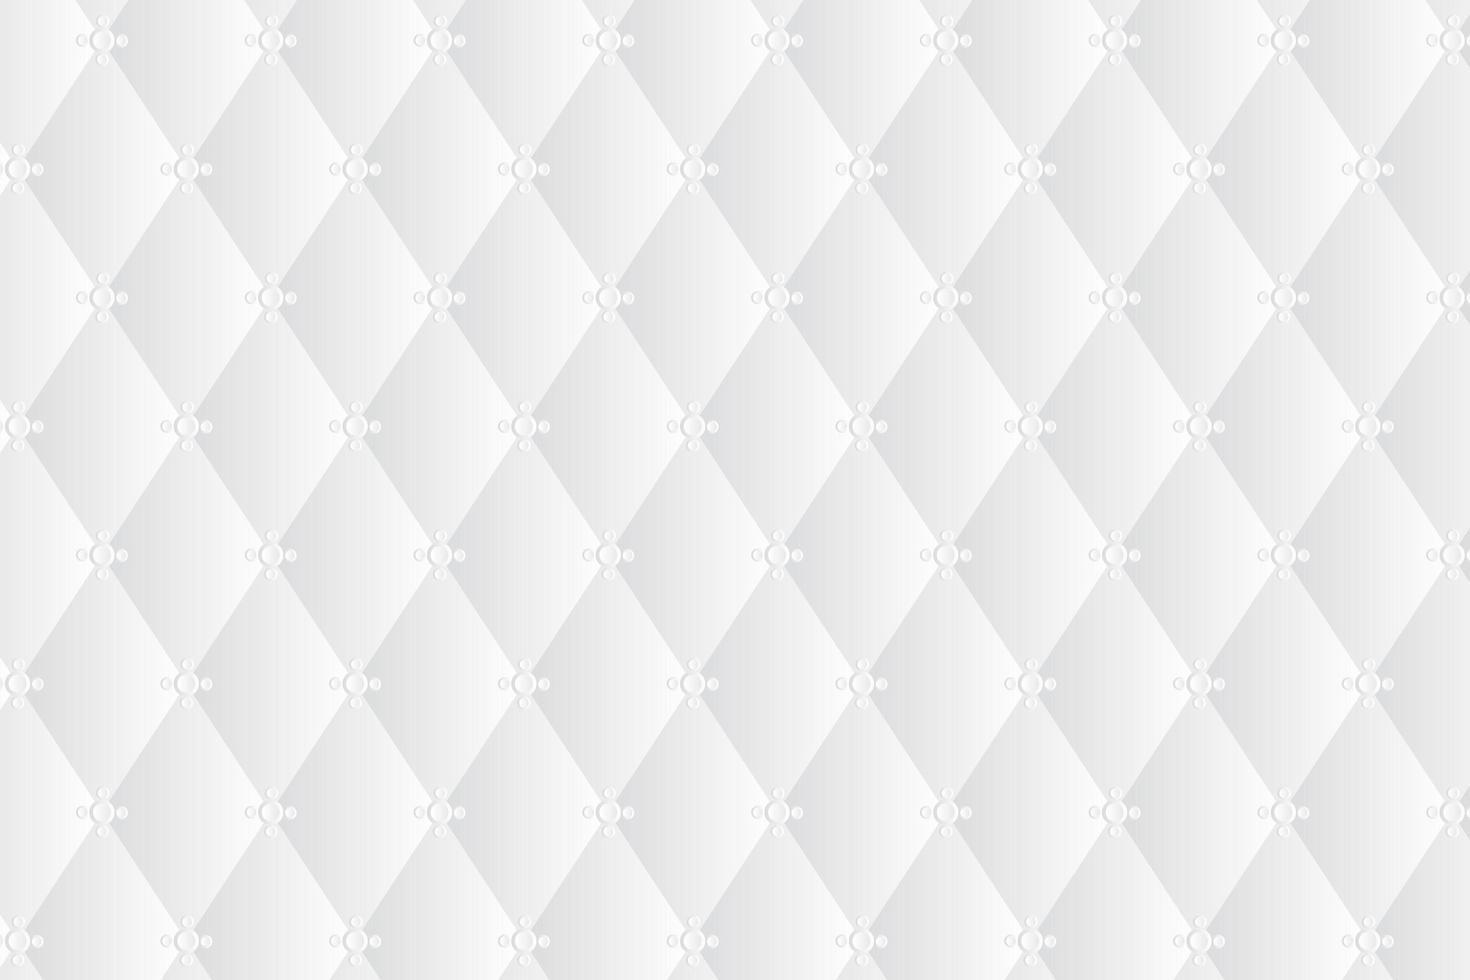 abstrait 3d matelassé blanc vecteur